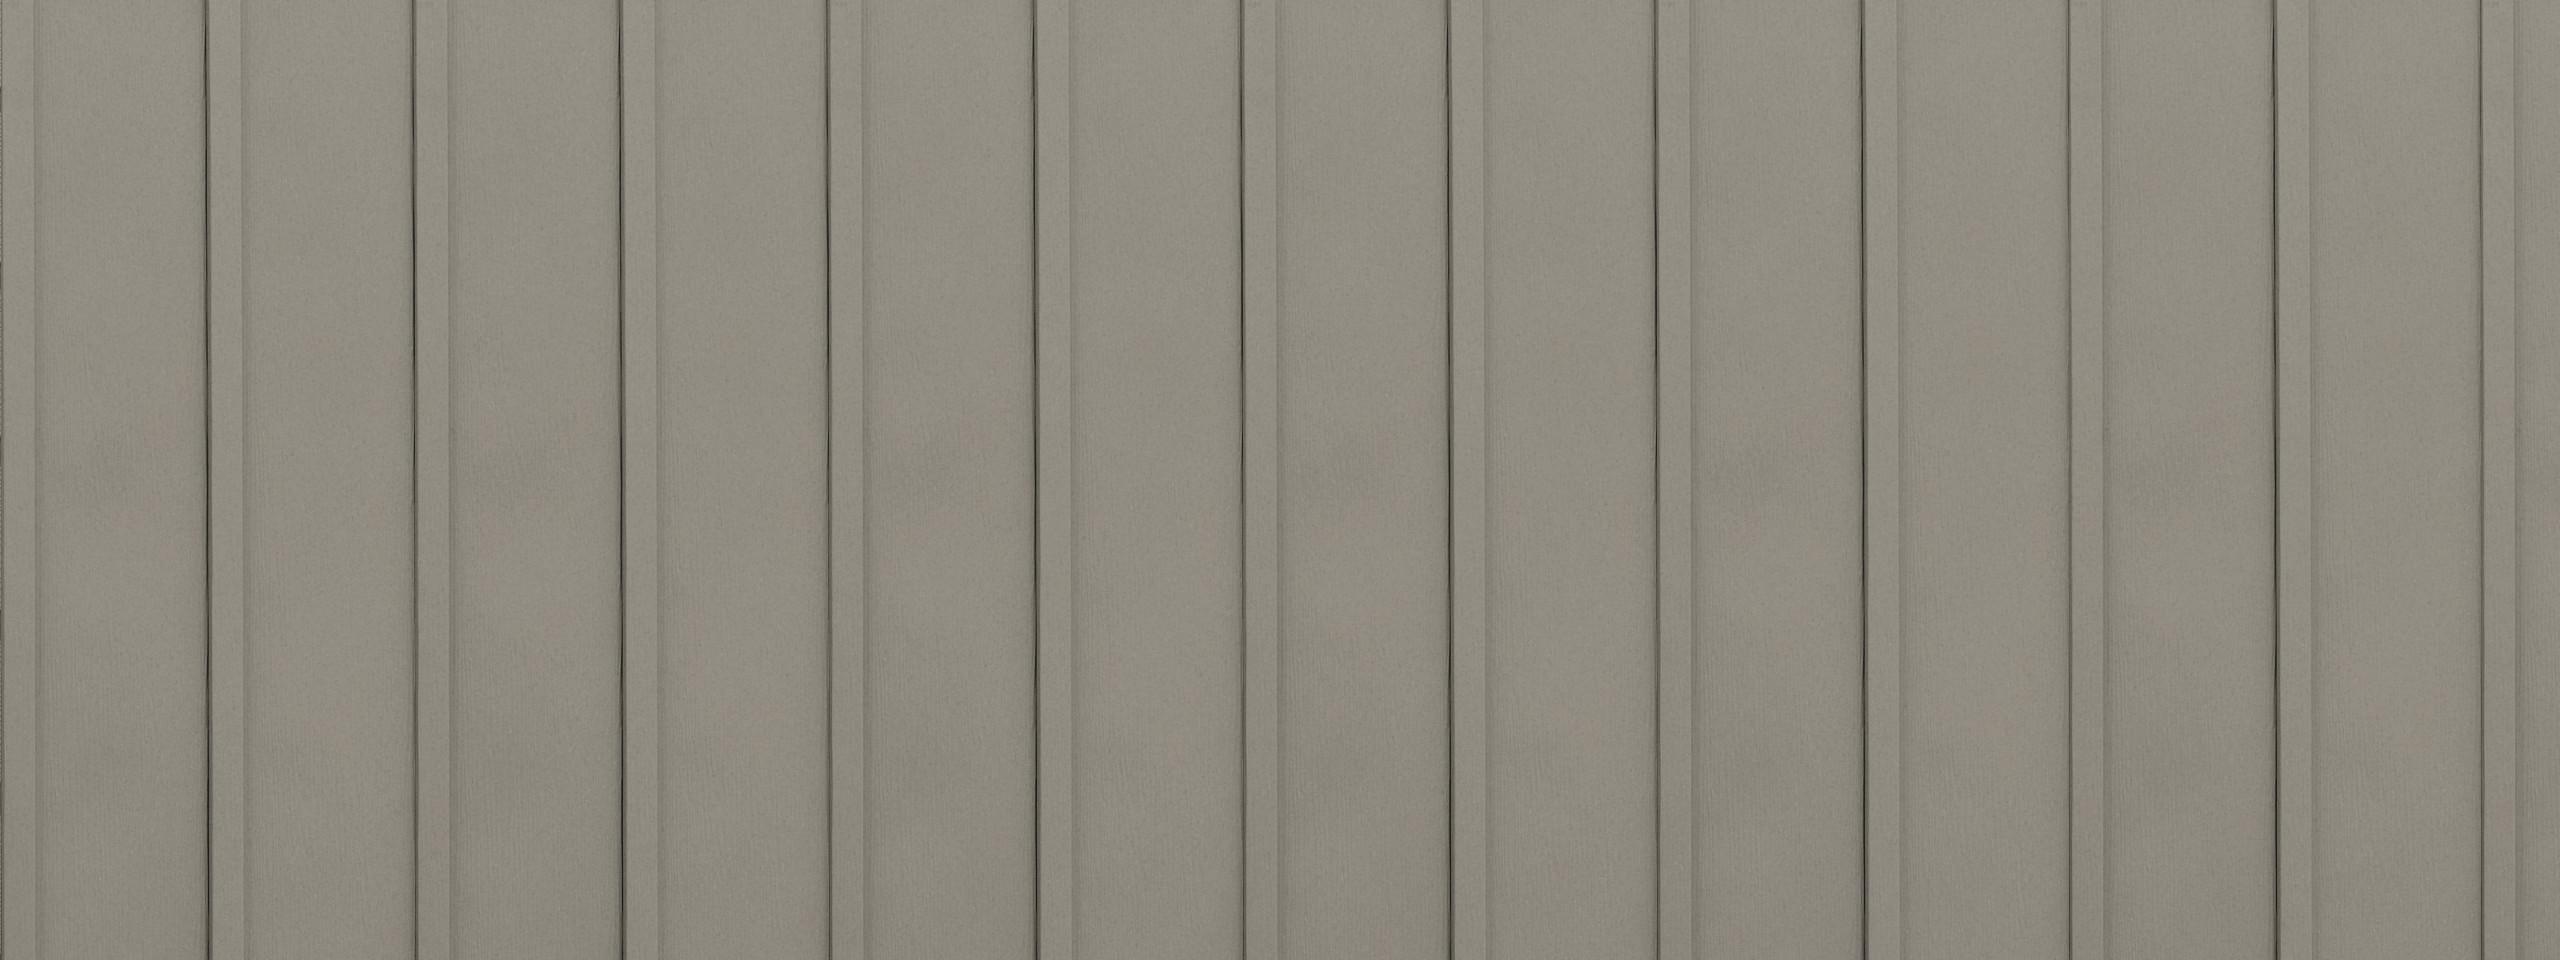 Entex vertical sandstone board and batten steel siding